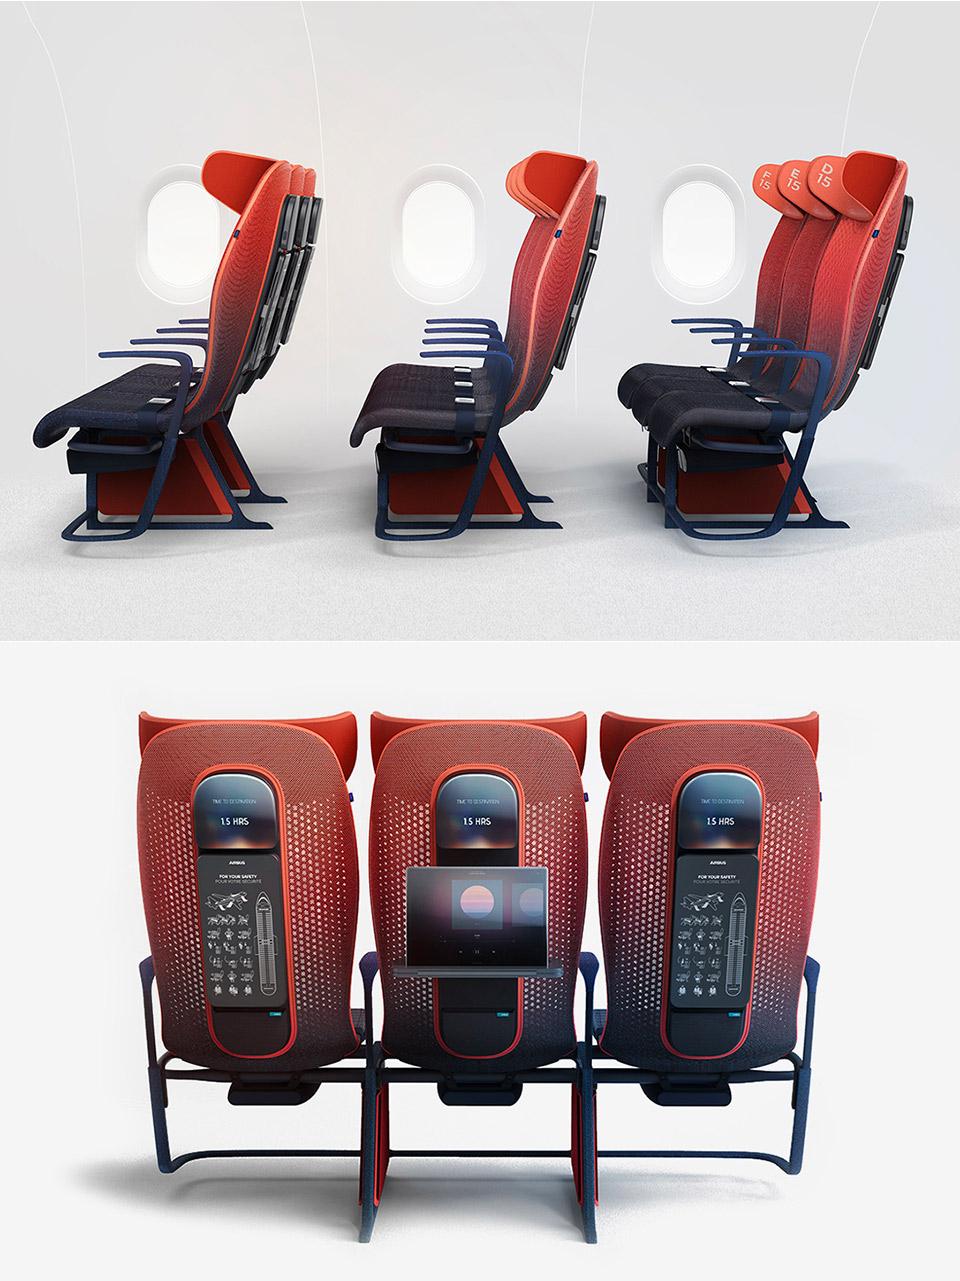 Move Airbus Seat Concept